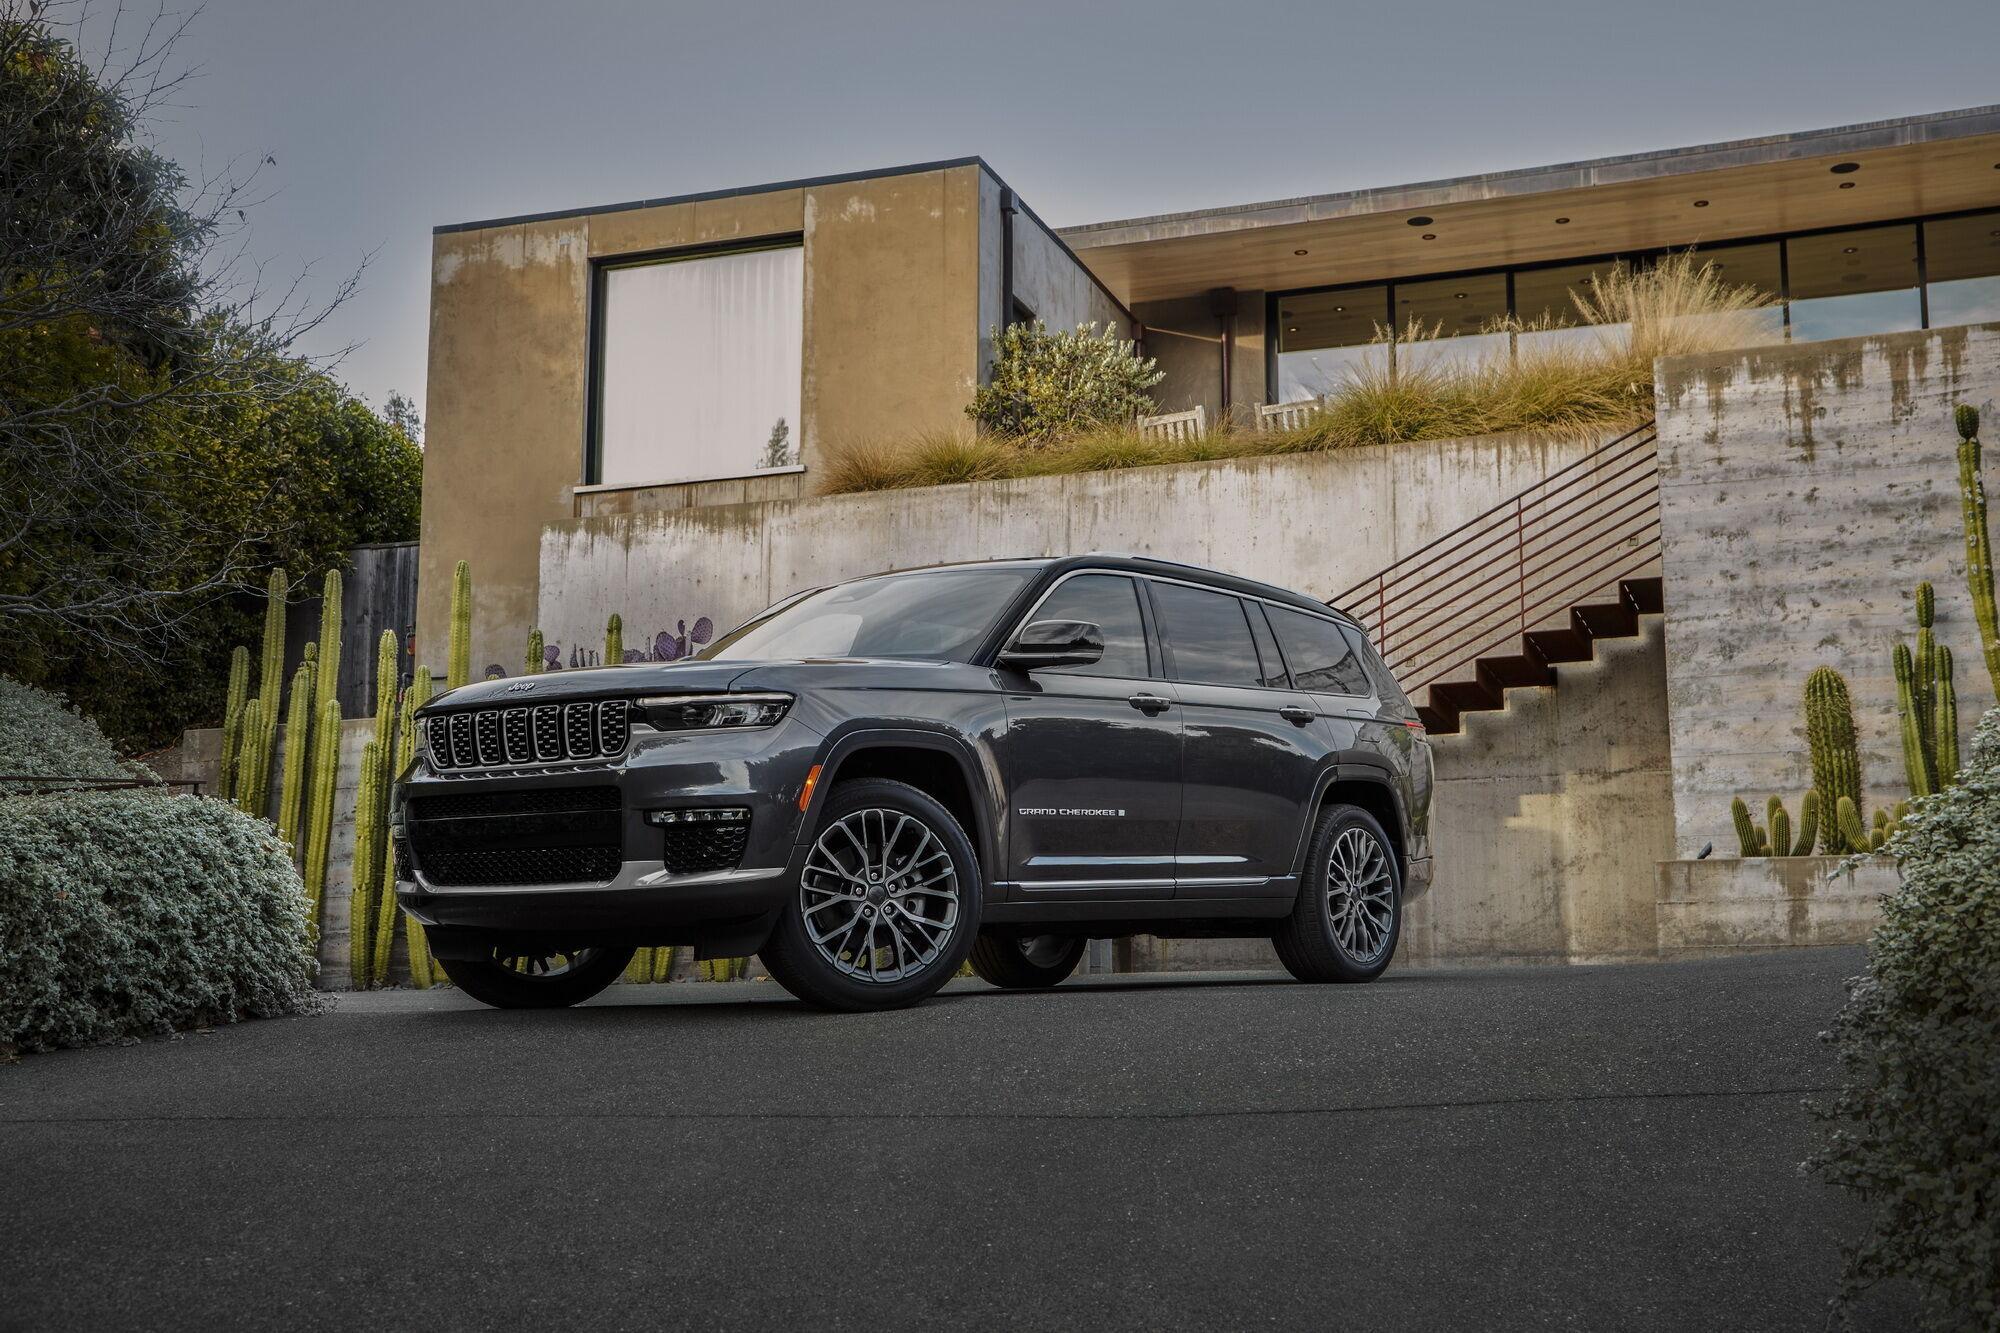 Уперше в історії моделі Grand Cherokee отримав 7-місну подовжену версію